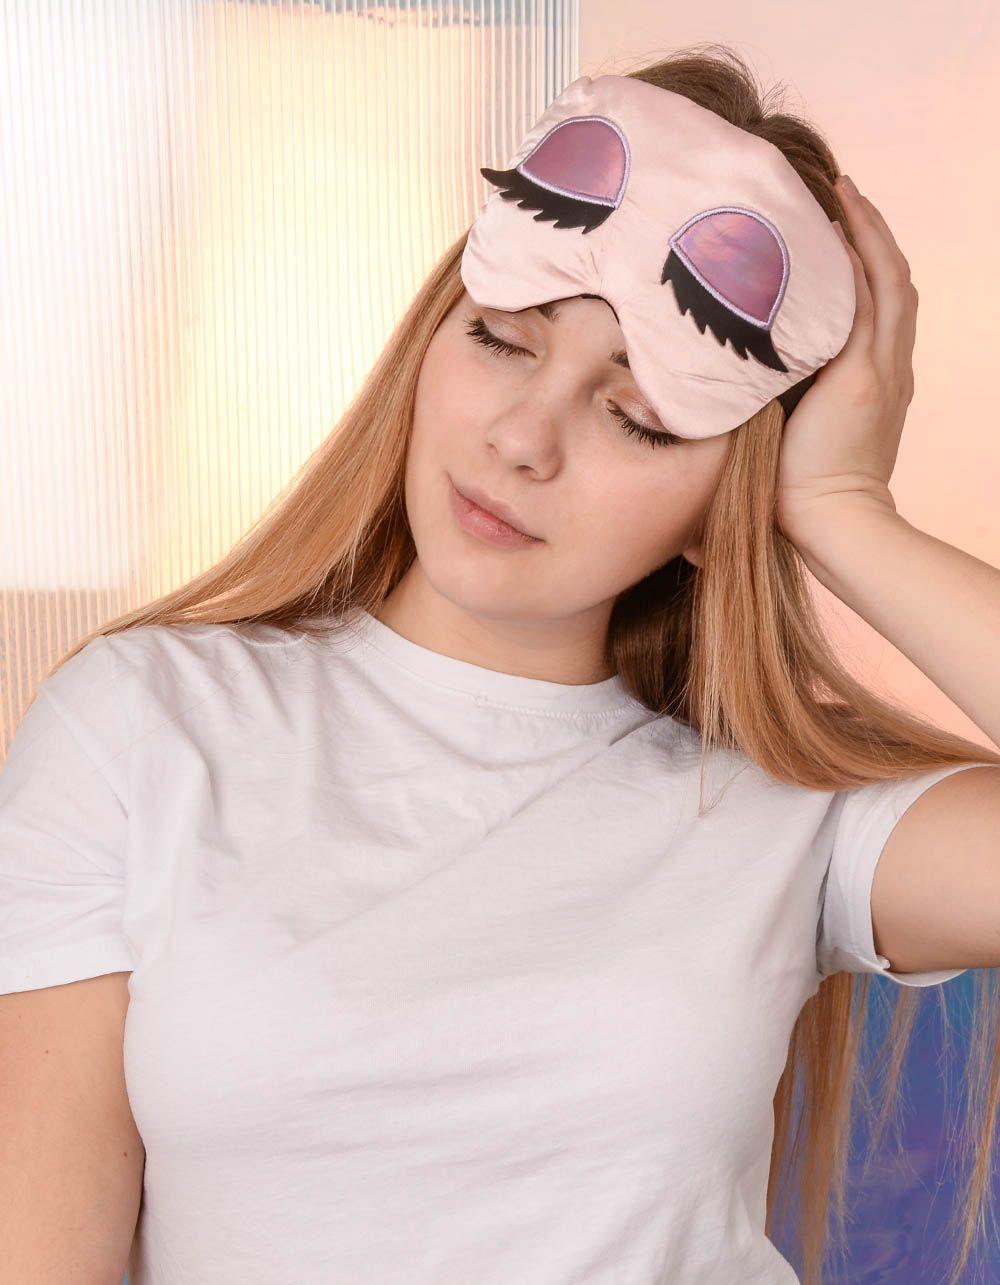 Пов'язка для сну з принтом очей | 239178-14-XX